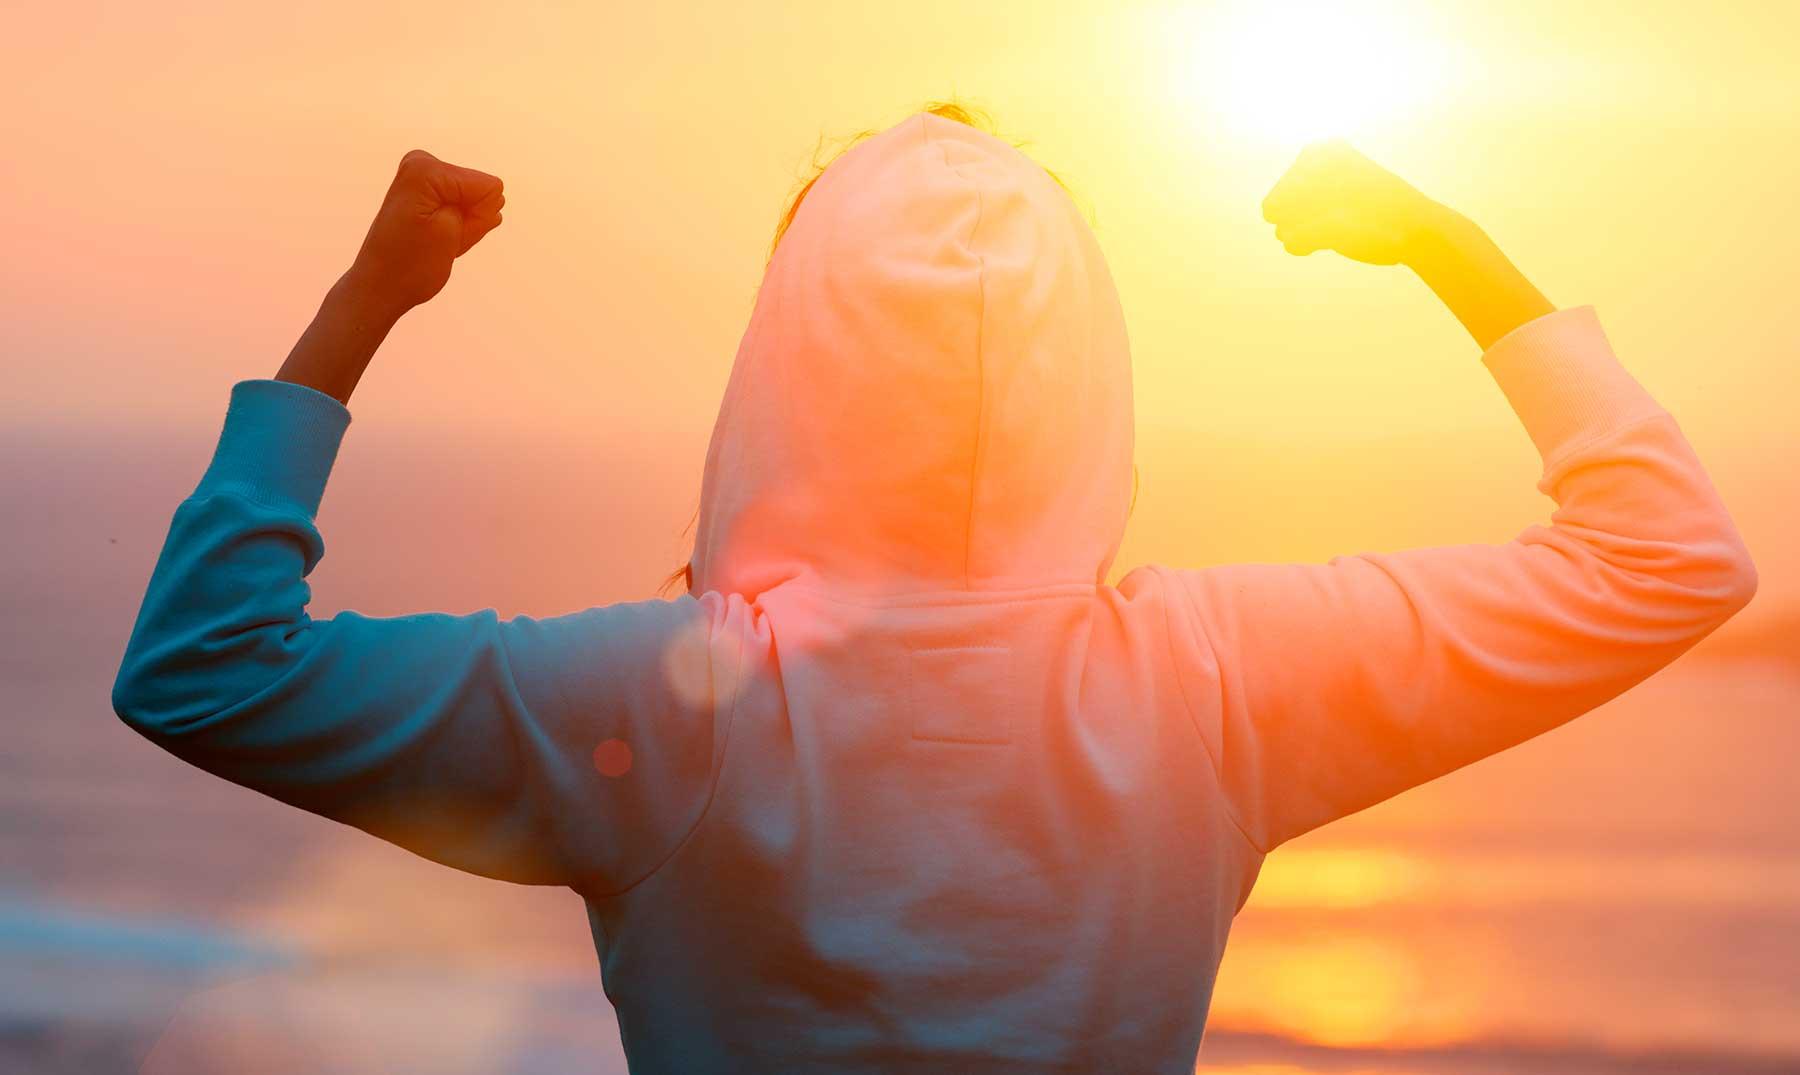 120 Frases Motivadoras Para Alcanzar Tus Sueños Con Imágenes